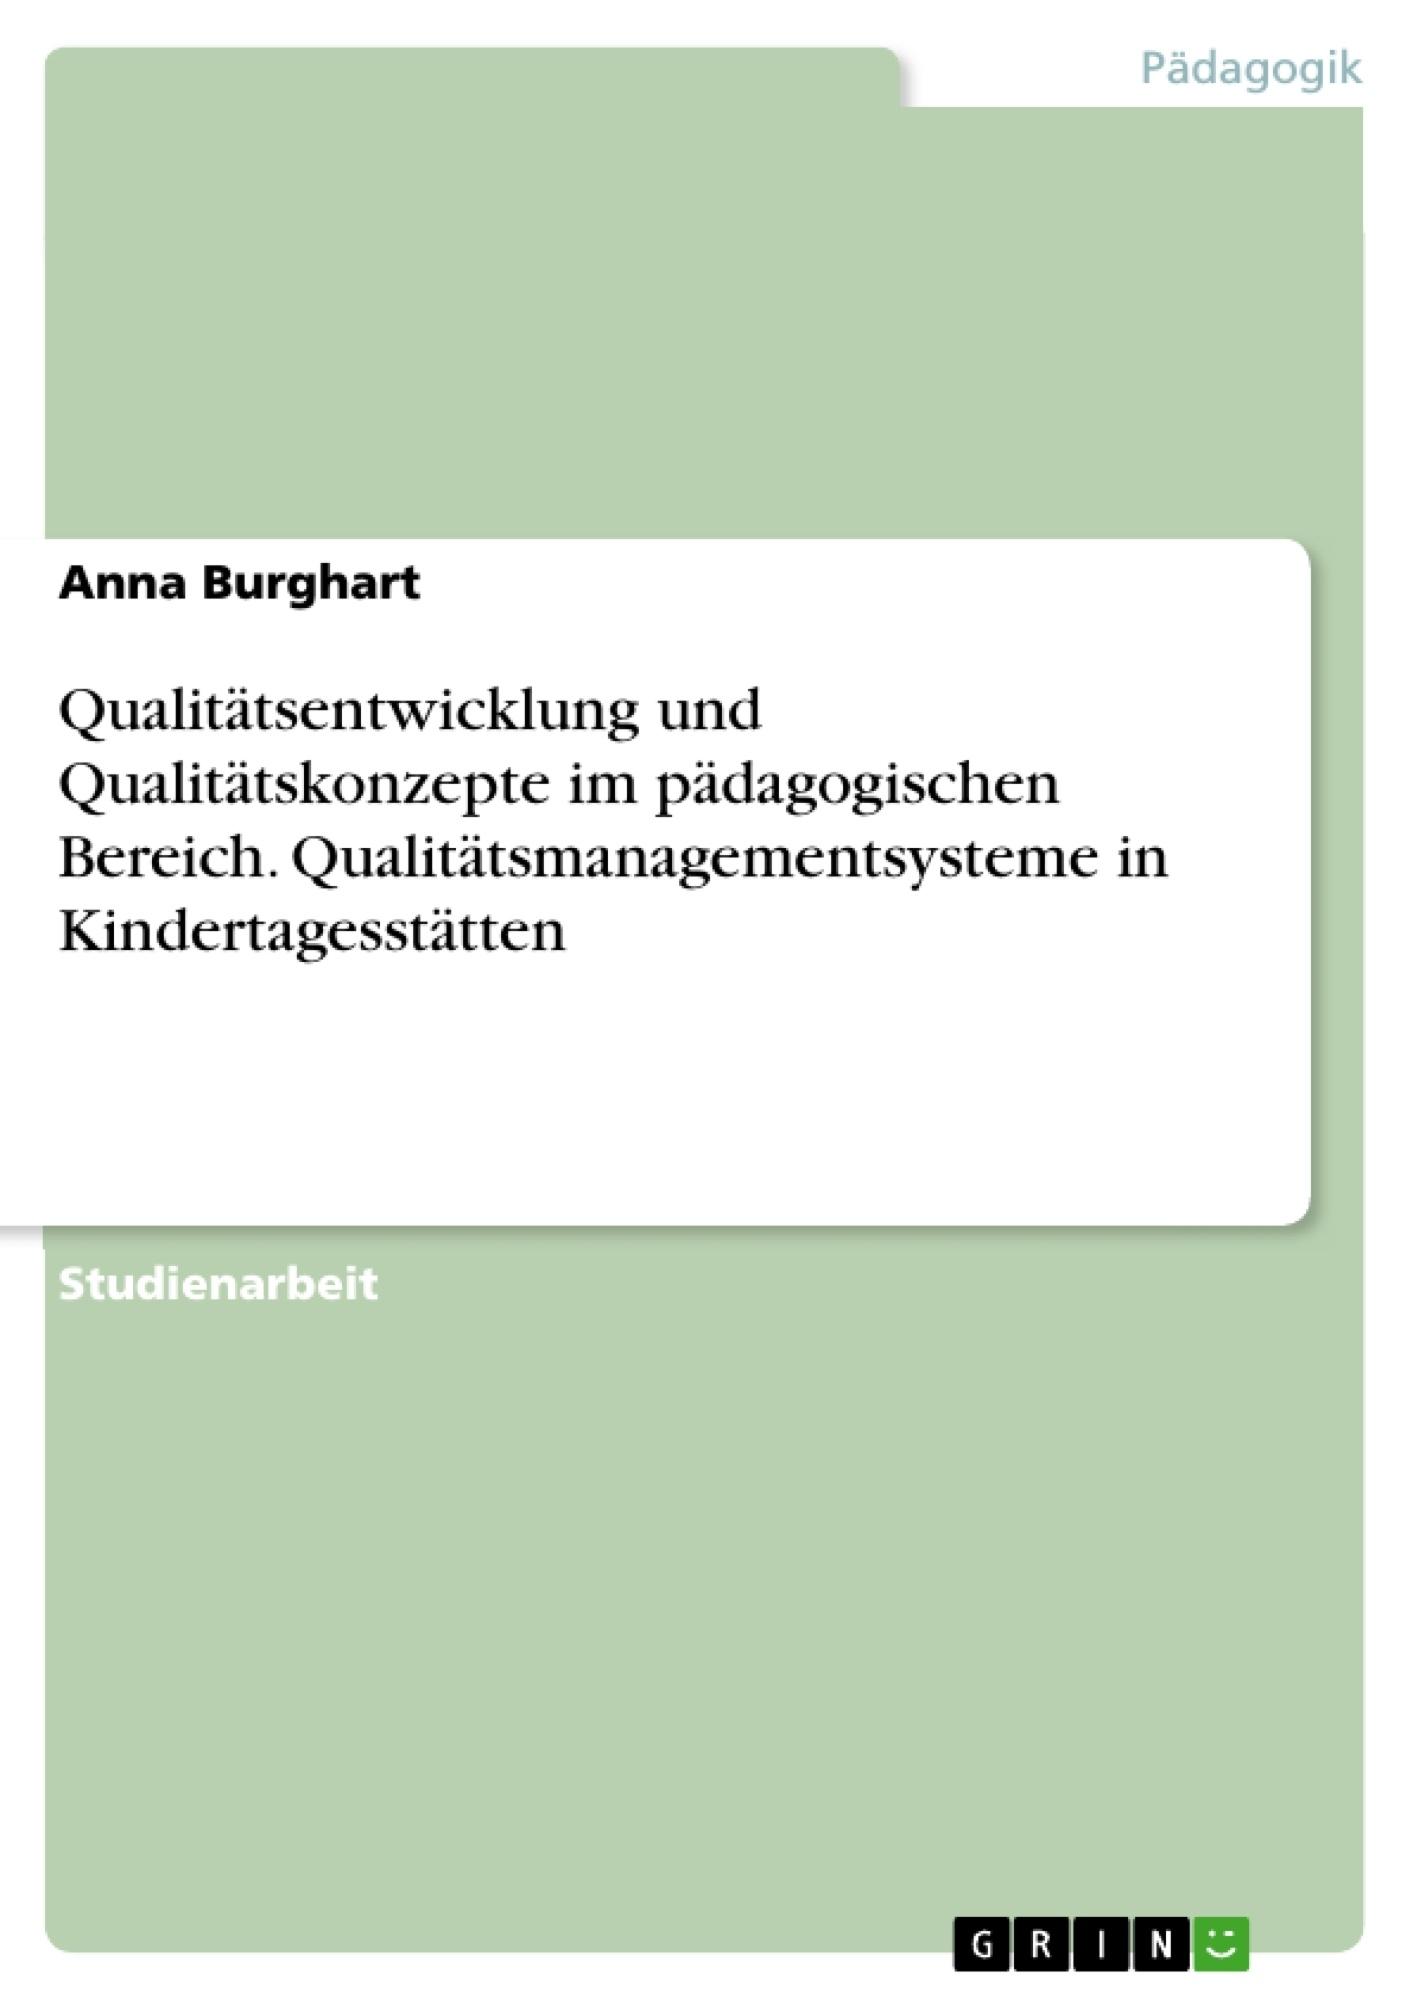 Titel: Qualitätsentwicklung und Qualitätskonzepte im pädagogischen Bereich.  Qualitätsmanagementsysteme in Kindertagesstätten